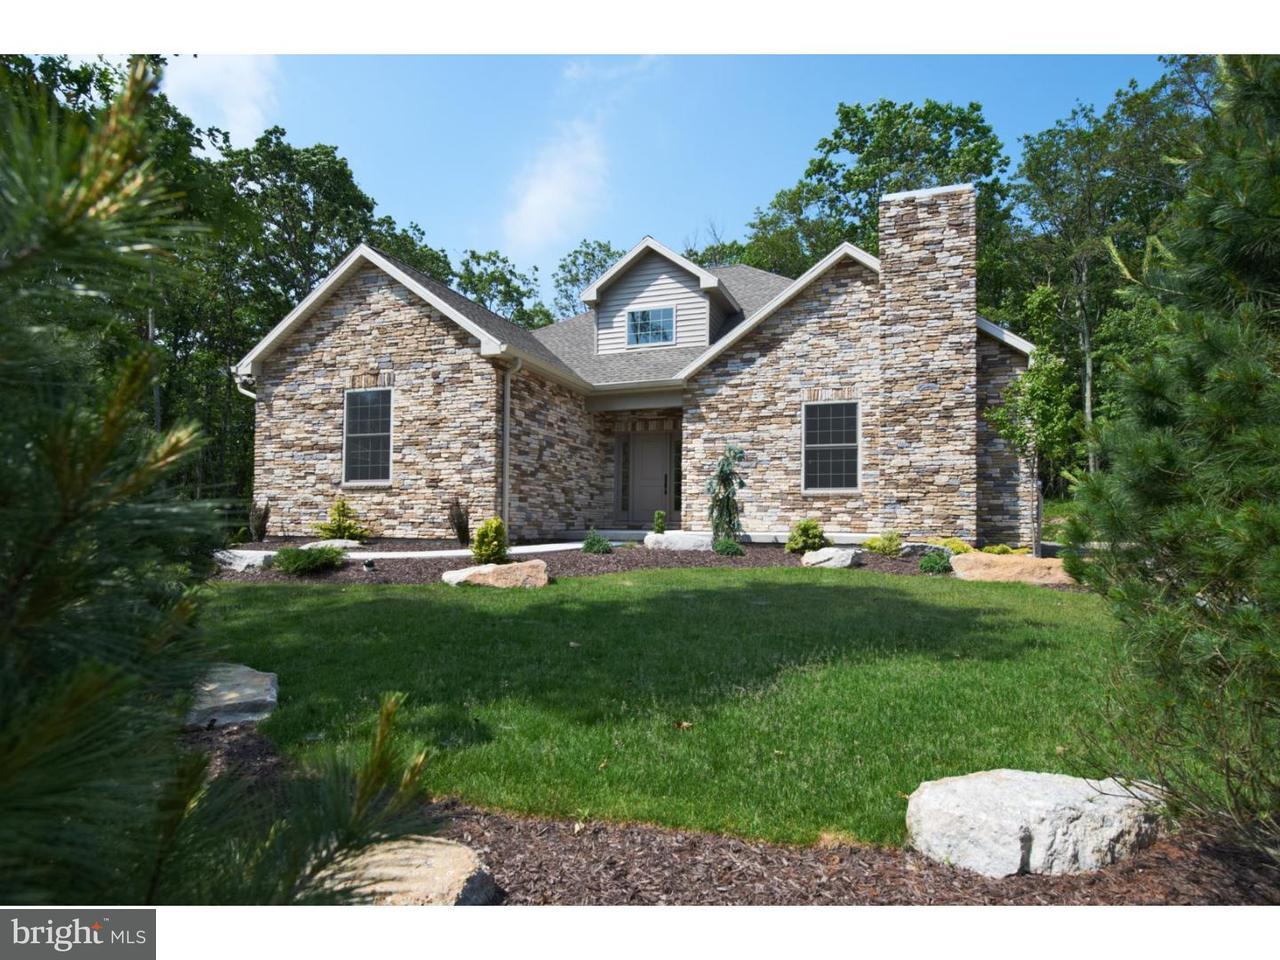 Maison unifamiliale pour l Vente à 345 TURNBERRY Lane Hazle Township, Pennsylvanie 18202 États-Unis